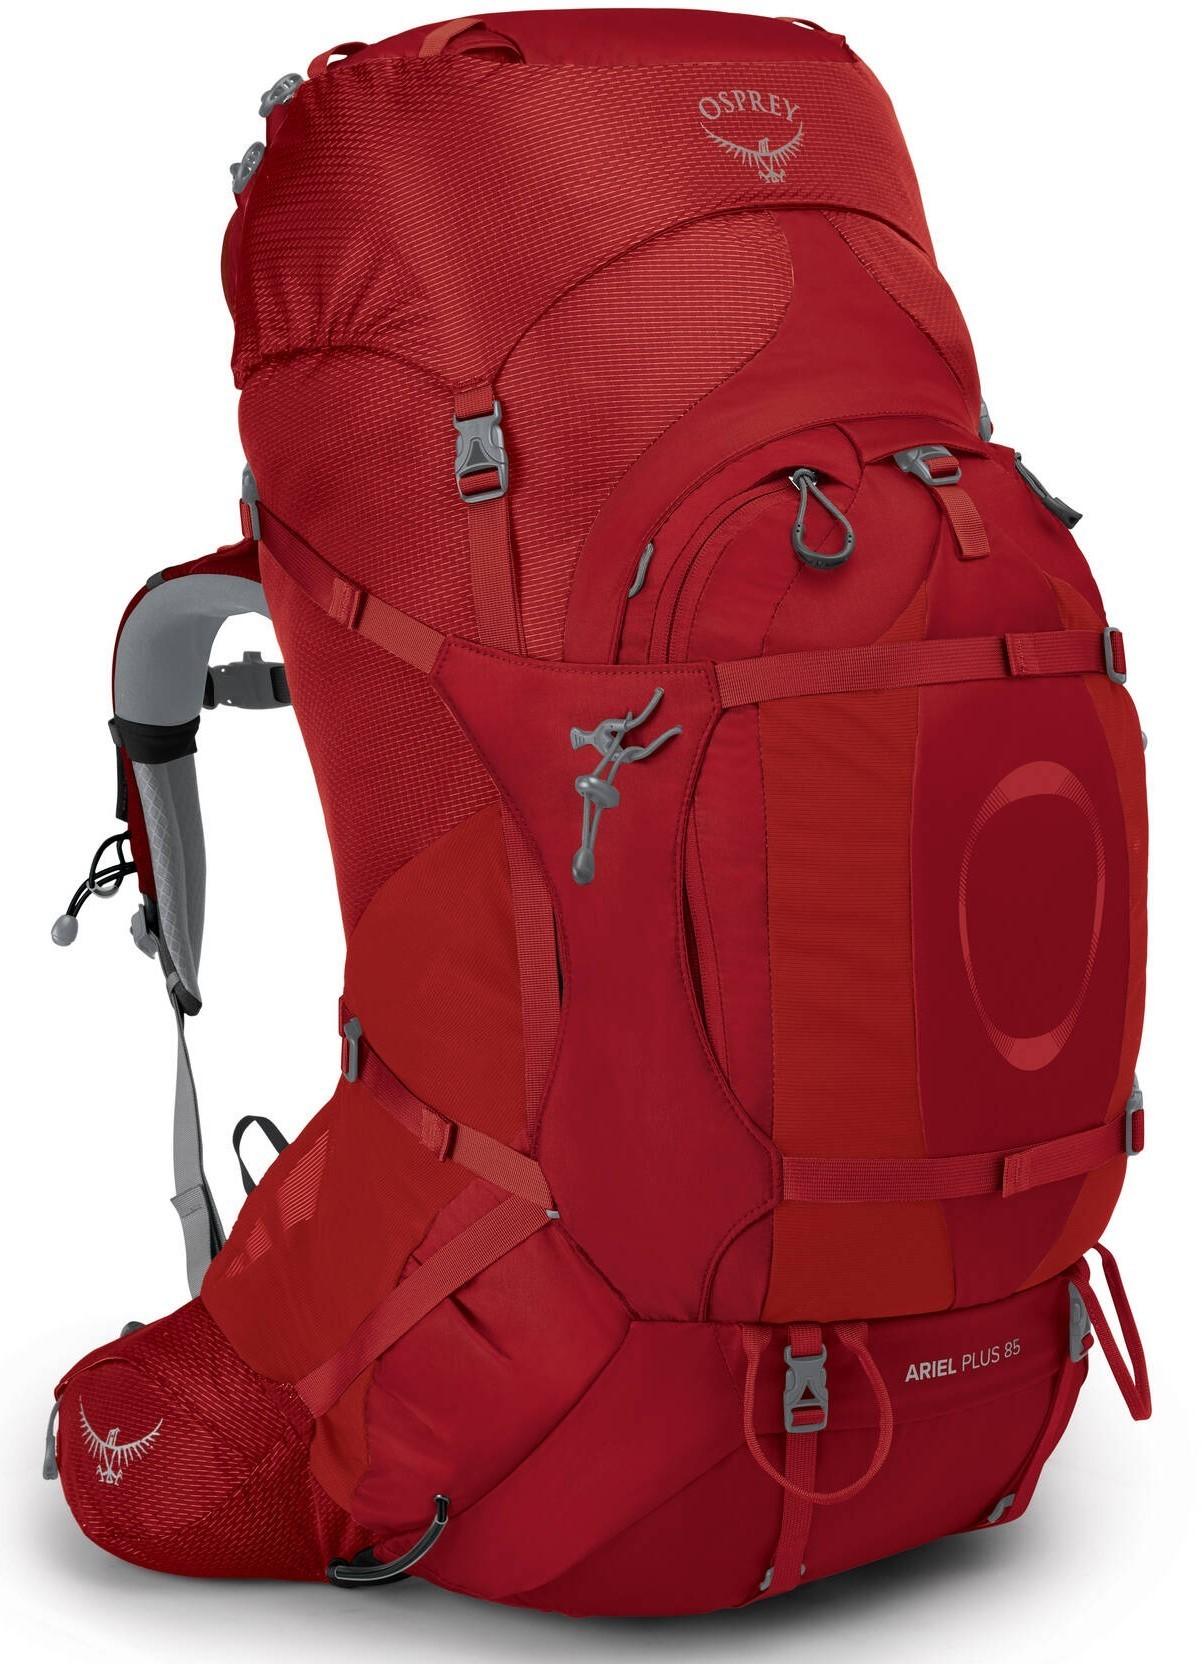 Туристические рюкзаки Рюкзак женский туристический Osprey Ariel Plus 85 Carnelian Red Ariel_Plus_85_S21_Side_Carnelian_Red_web.jpg